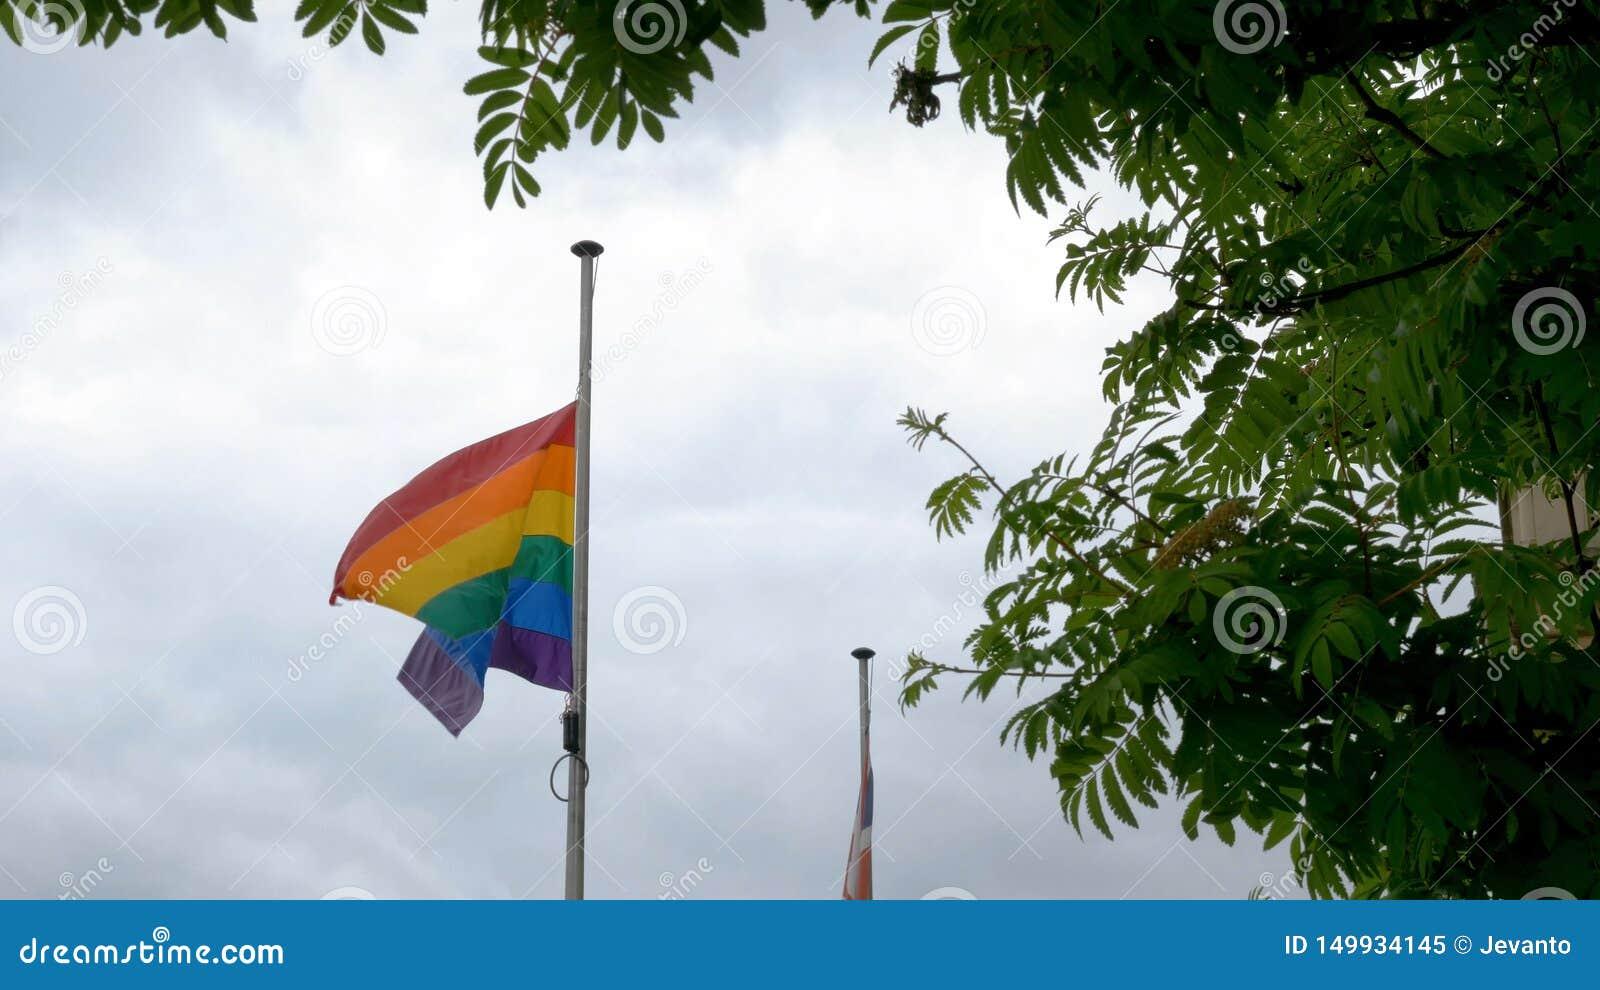 LGBT-Regenbogenstolz fahnenschwenkend am Wind auf bewölktem britischem Himmelhintergrund in Northampton England